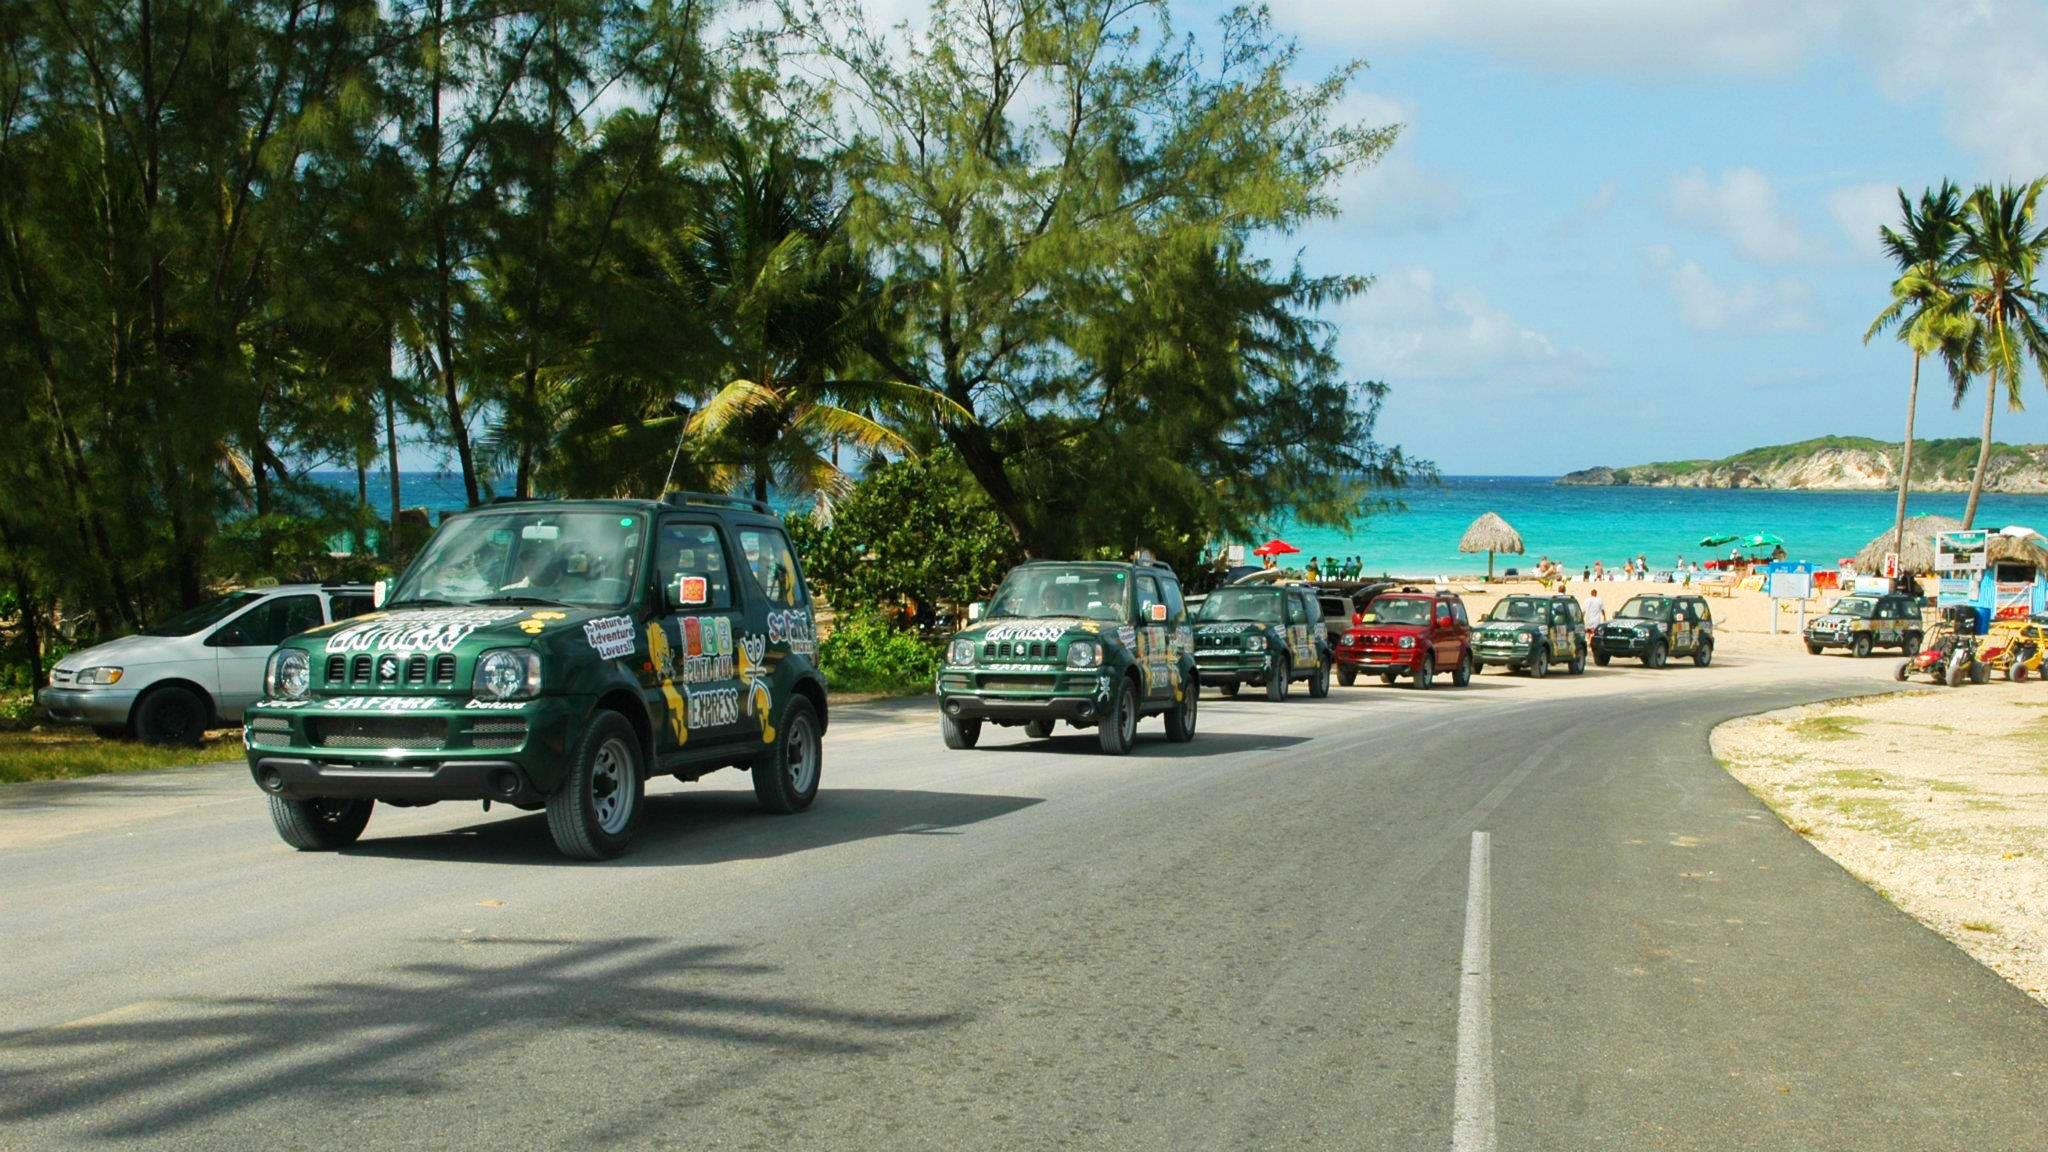 Safari in Jeep